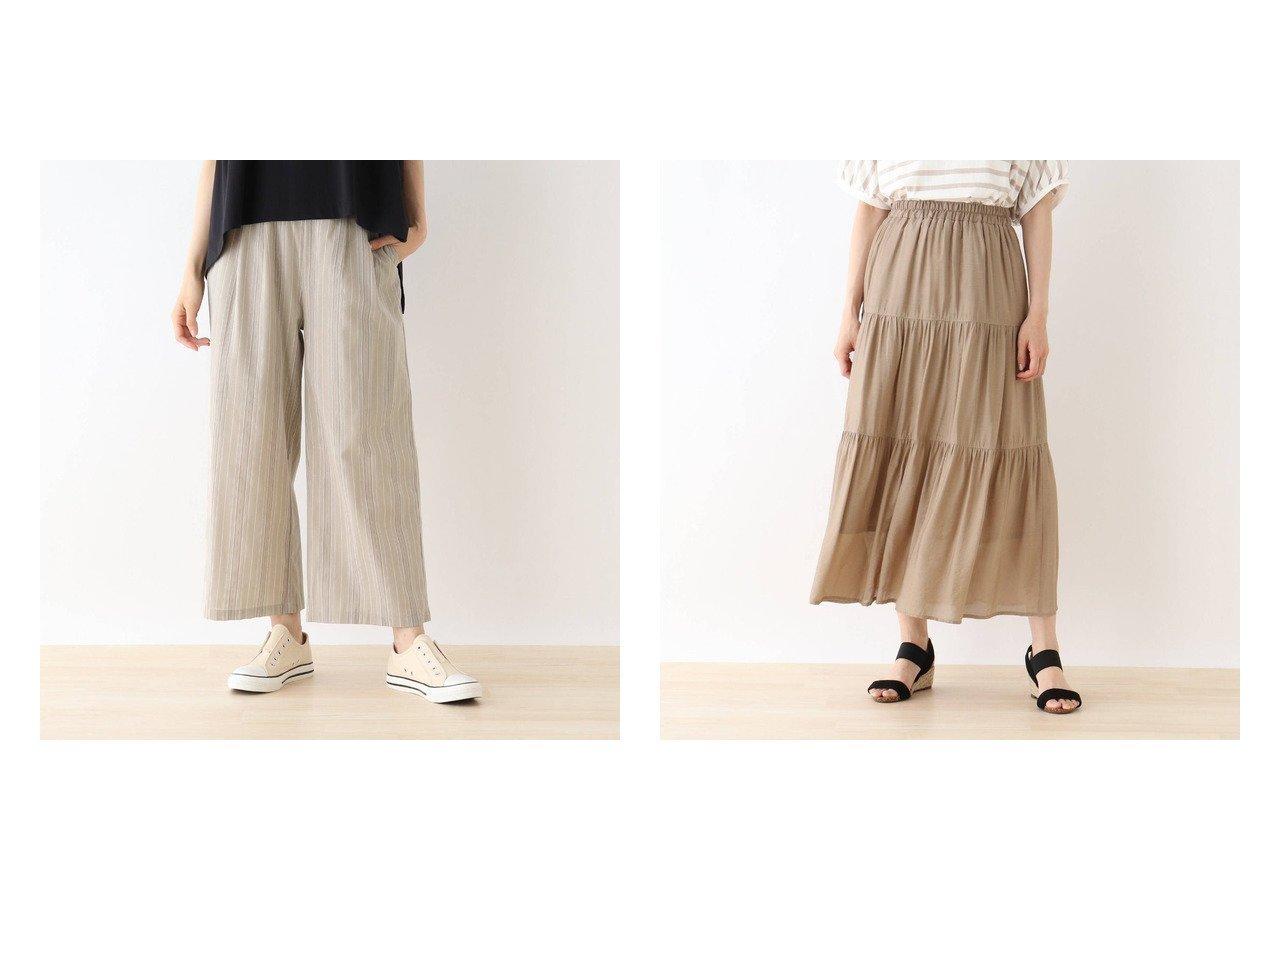 【SHOO LA RUE/シューラルー】のリネン風ストライプワイドパンツ&オーガンジーティアードスカート 【プチプライス・低価格】おすすめ!人気トレンド・レディースファッション通販 おすすめで人気の流行・トレンド、ファッションの通販商品 インテリア・家具・メンズファッション・キッズファッション・レディースファッション・服の通販 founy(ファニー) https://founy.com/ ファッション Fashion レディースファッション WOMEN パンツ Pants スカート Skirt ティアードスカート Tiered Skirts 2021年 2021 2021春夏・S/S SS/Spring/Summer/2021 S/S・春夏 SS・Spring/Summer カラフル シンプル ストライプ ポケット リネン ワイド 夏 Summer 春 Spring |ID:crp329100000052104